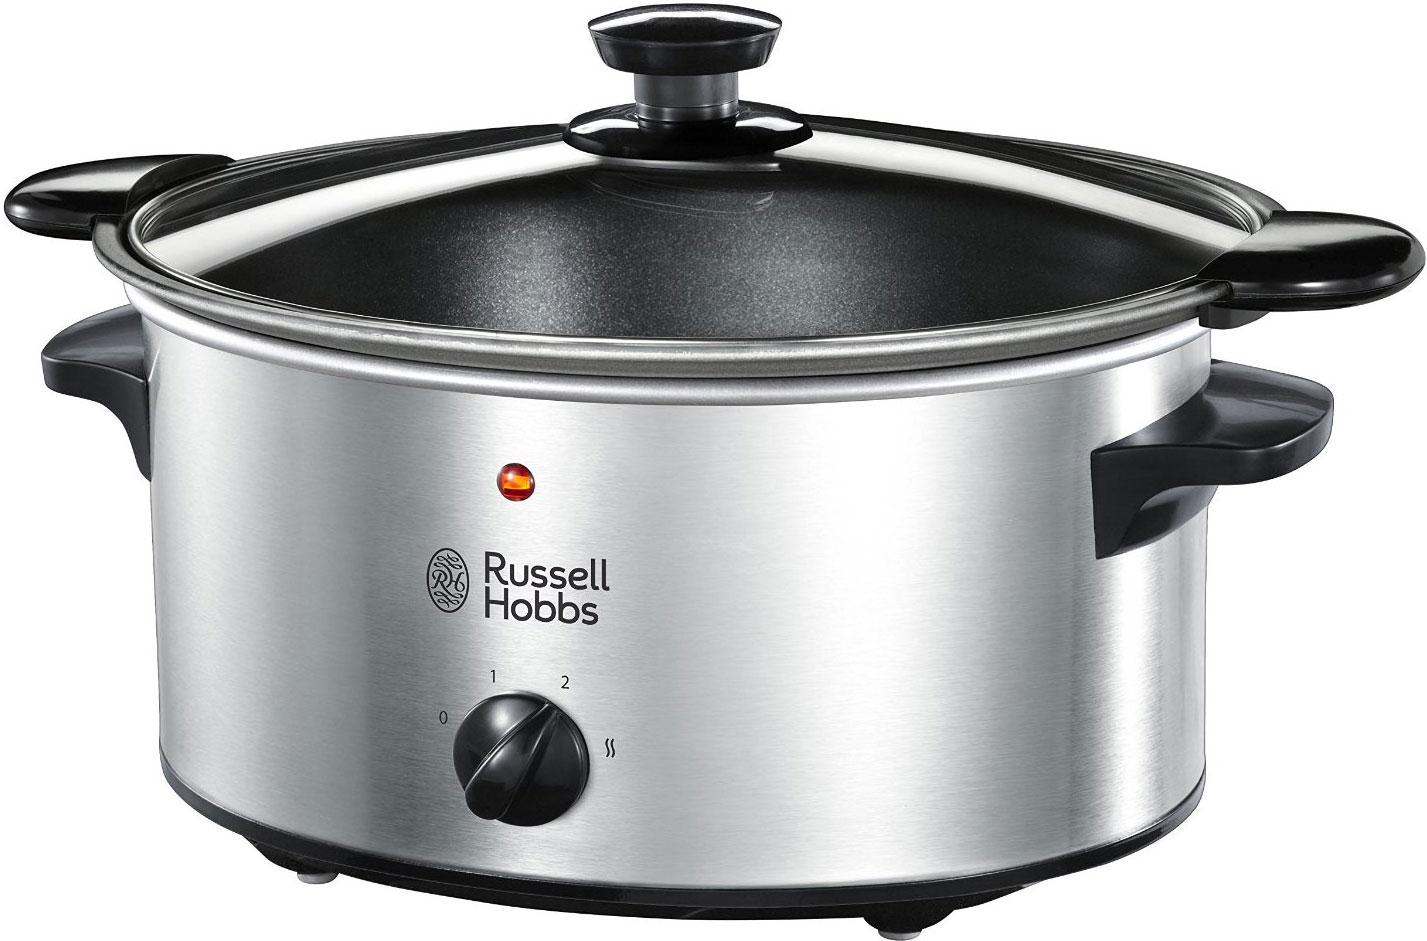 Russel Hobbs Elektrický hrnec na pomalé vaření Russell Hobbs 22740-56 Cook@Home - DOPRAVA OD 59,- Kč (BALÍKOVNA.CZ)